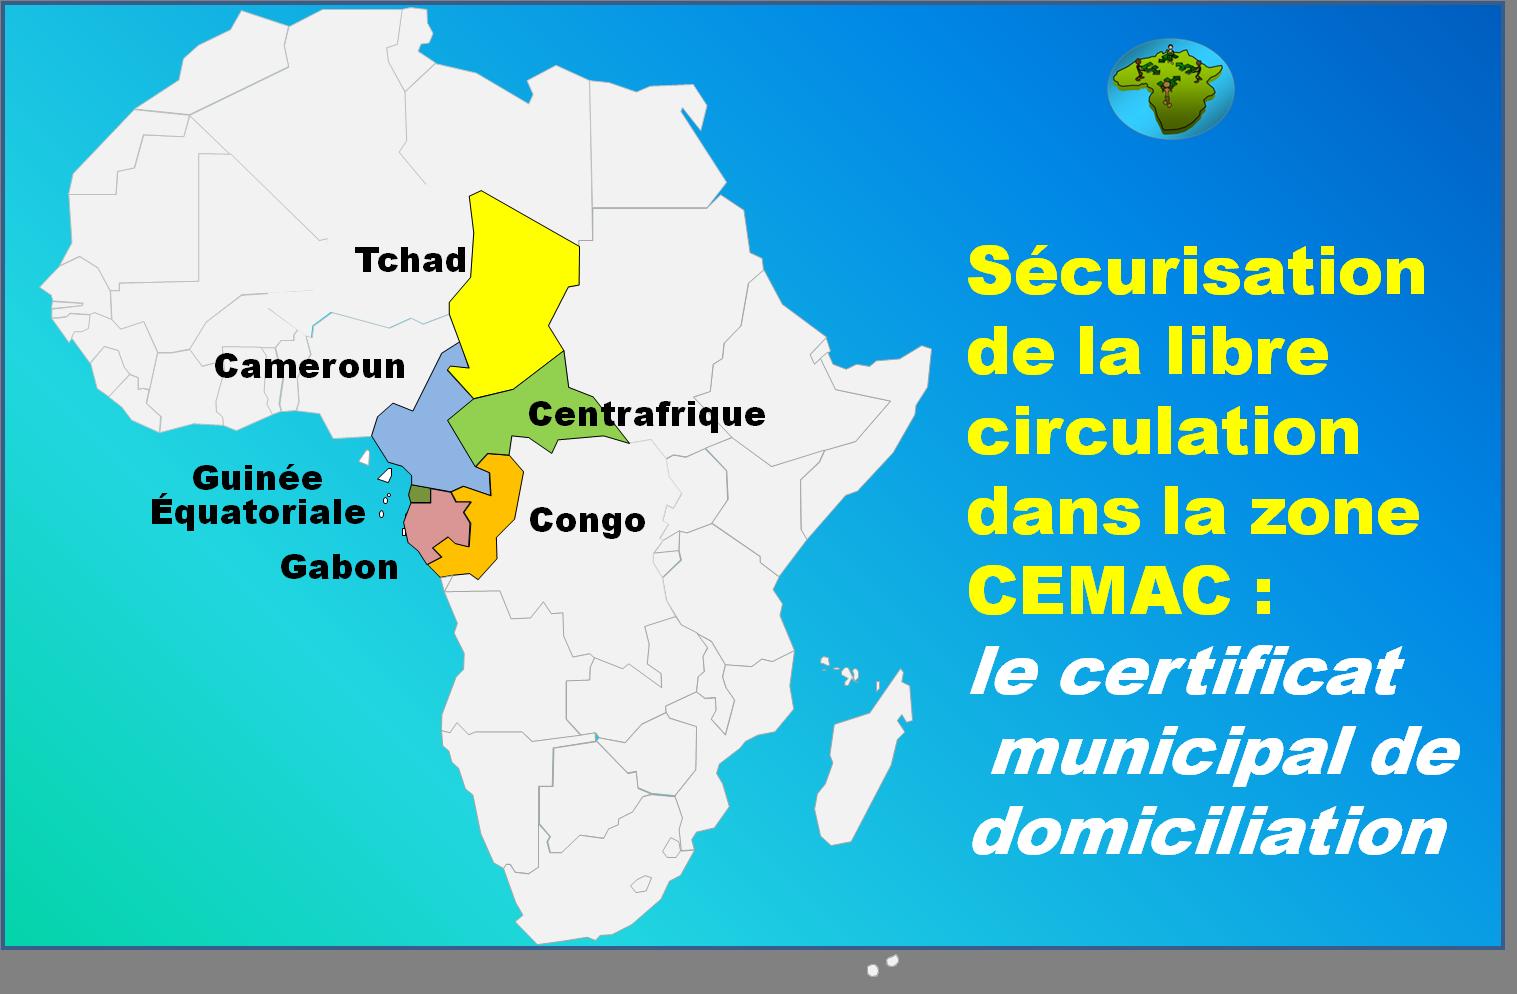 le gabon supprime les visas pour les ressortissants d u2019afrique centrale carrefourivoire net